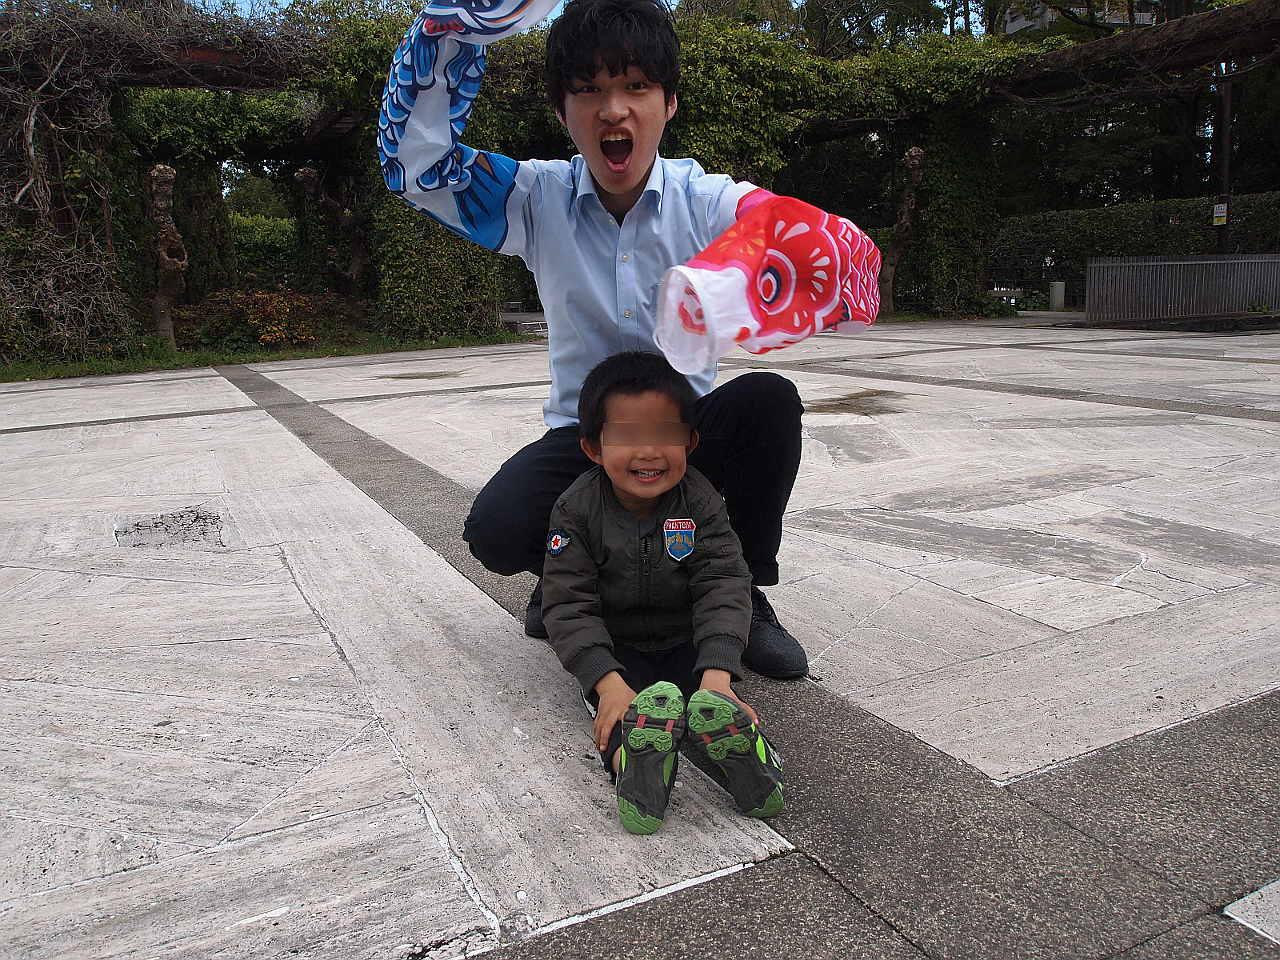 フリー素材モデル Aphoto まっち 町口久貴 徳島 徳島で暮らして 撮影